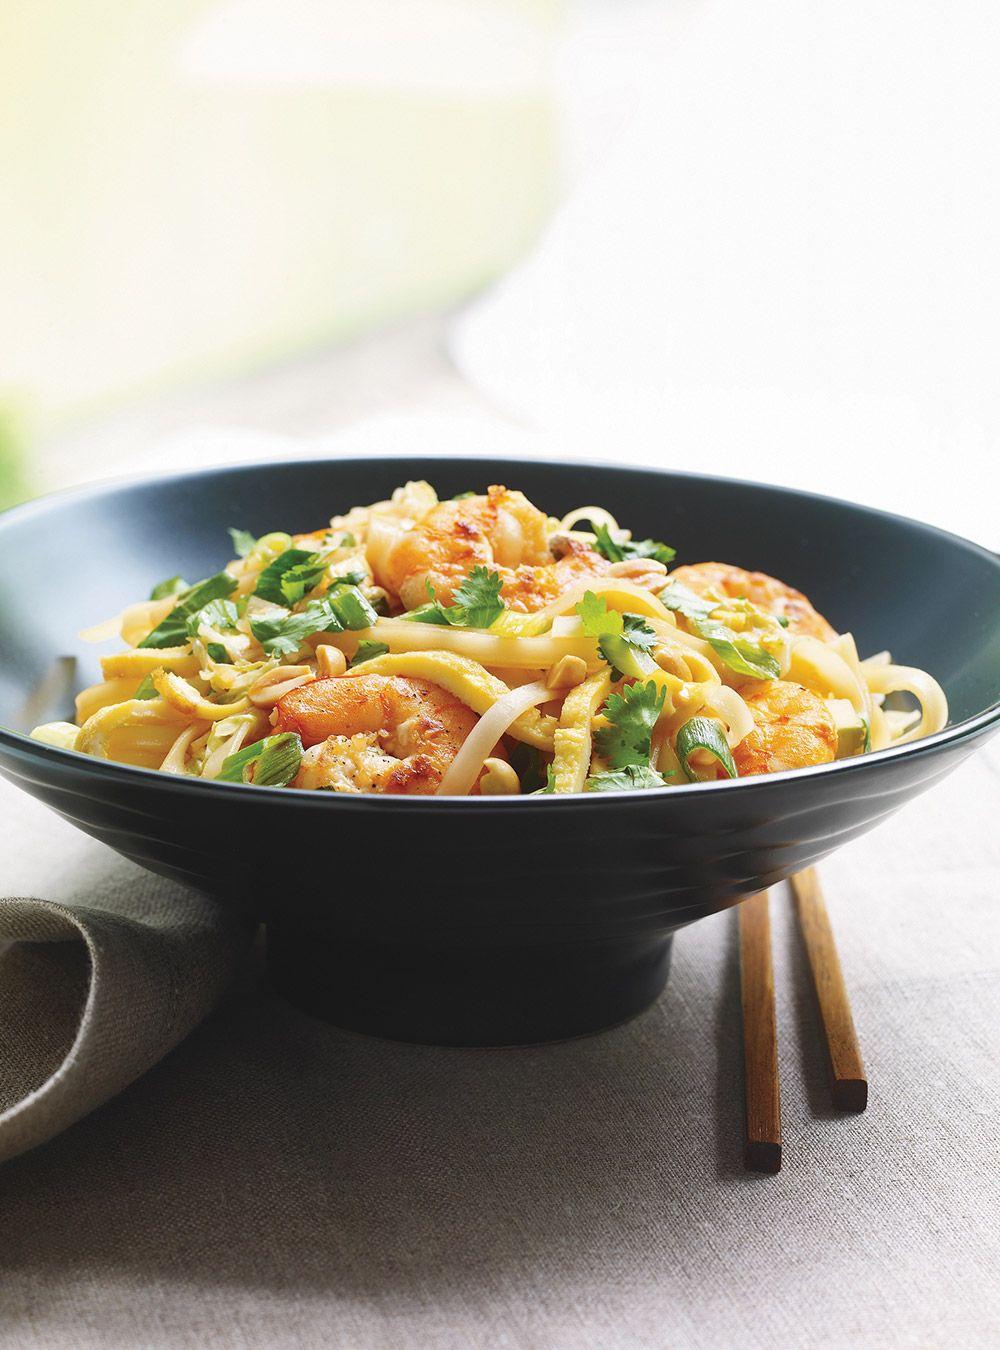 Pad tha aux crevettes et au citron vert ricardo for Cuisine ricardo